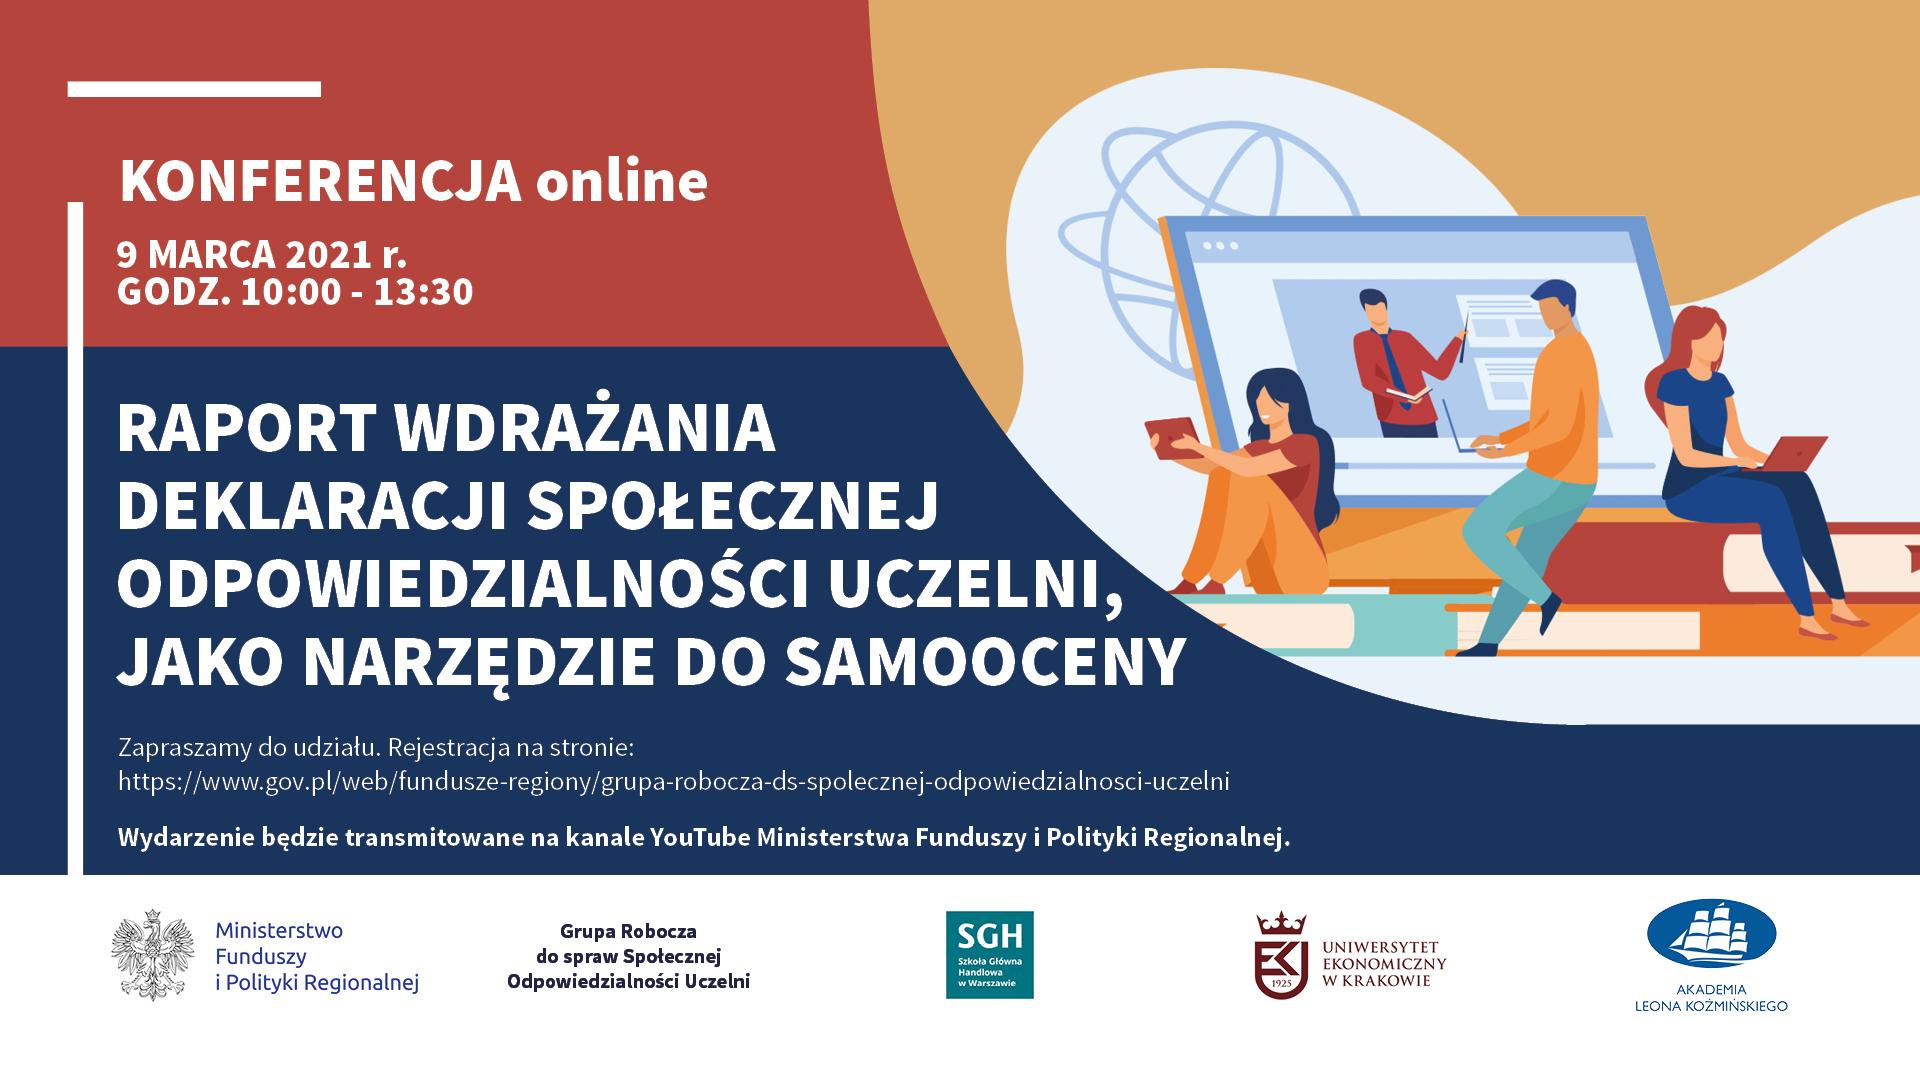 Zachęcamy do udziału w webinarium dotyczącym wdrażania deklaracji społecznej odpowiedzialności uczelni